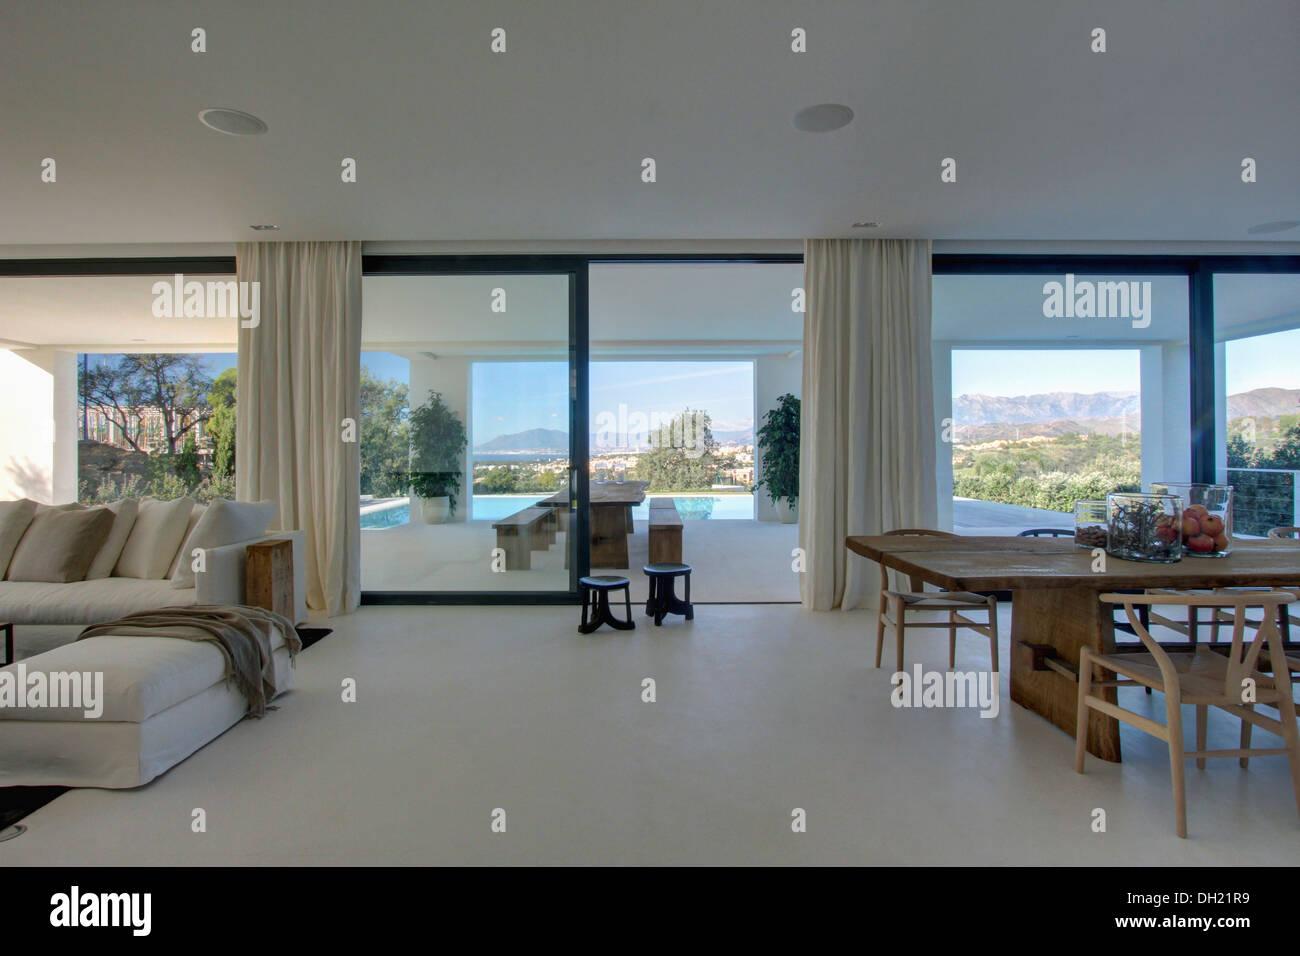 Weisse Boden In Grossen Ess Und Wohnzimmer In Offene Spanische Villa